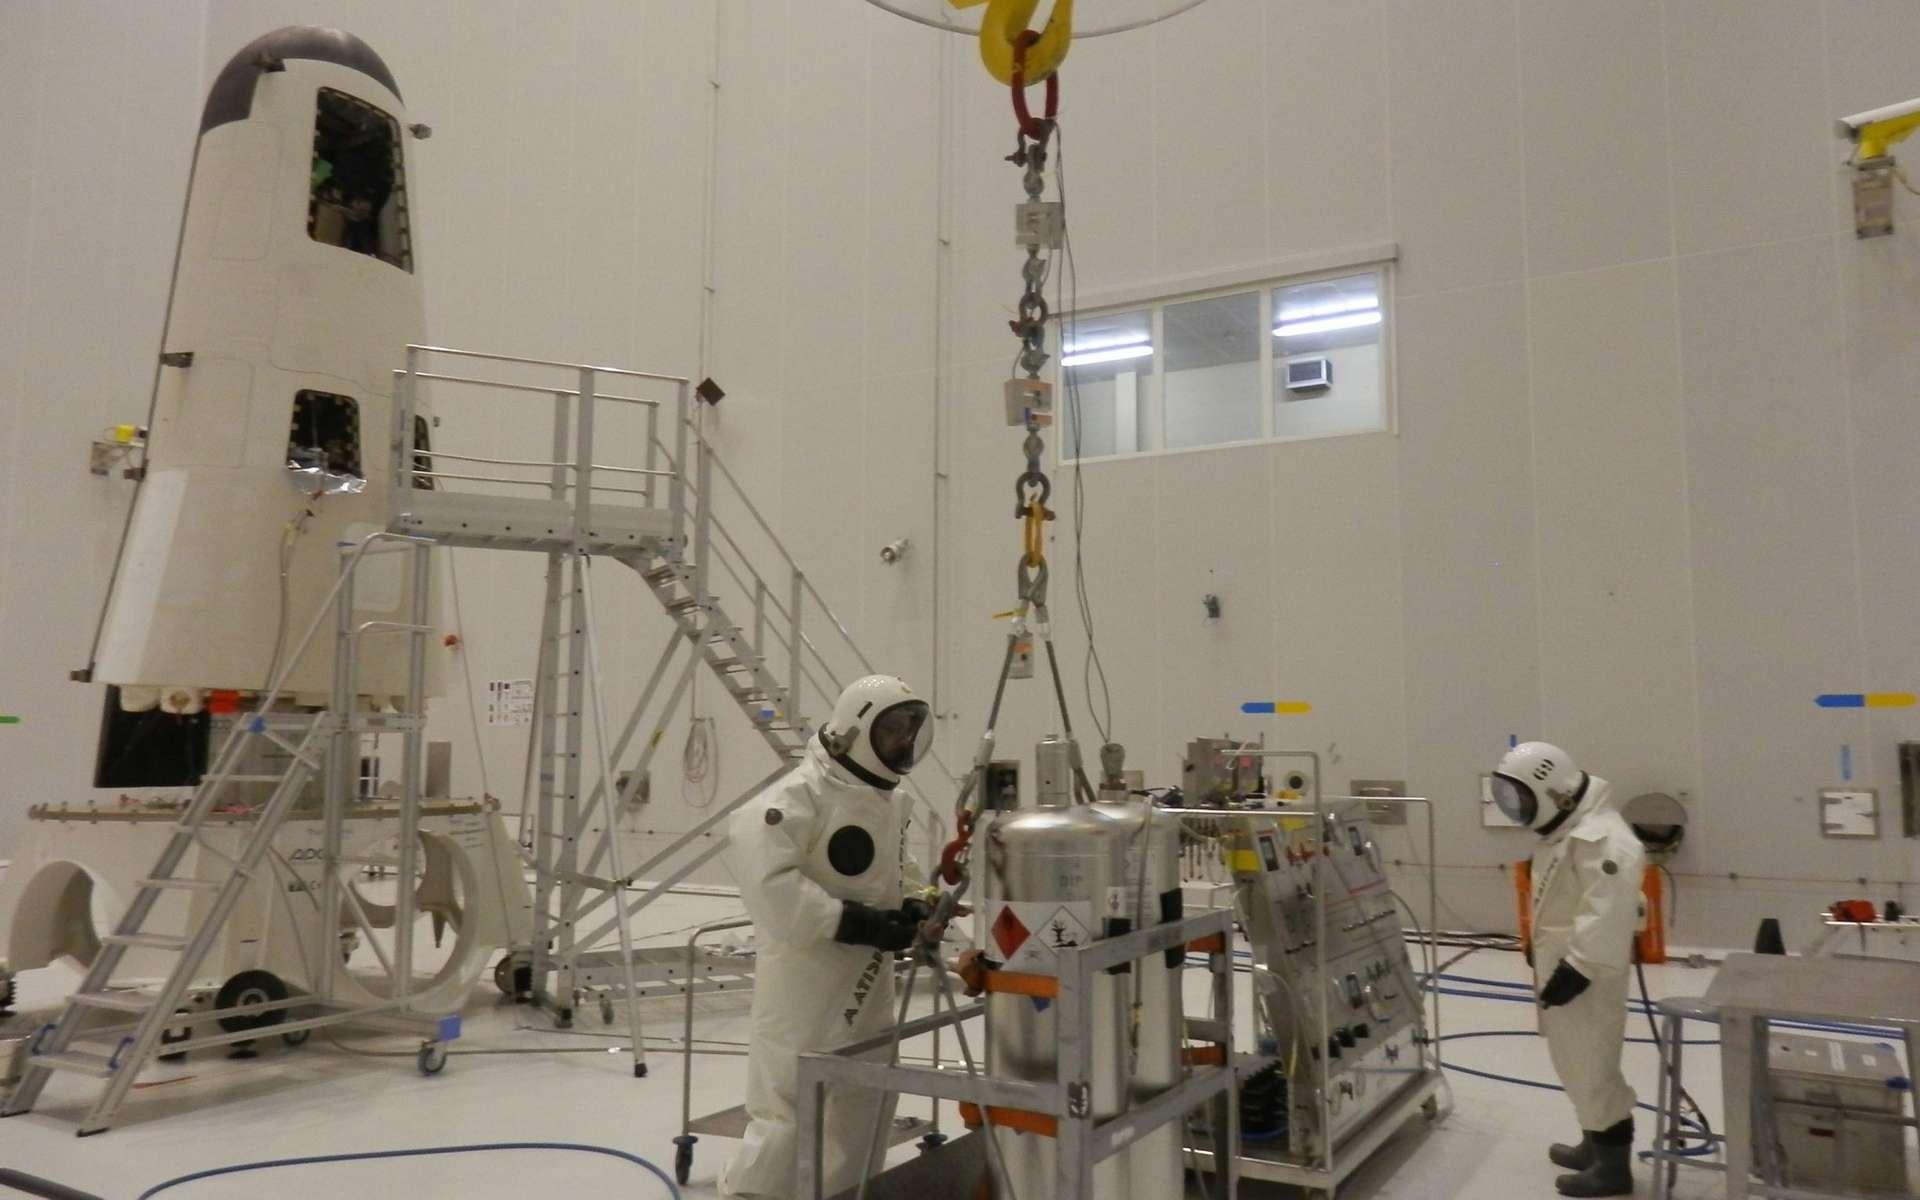 Dans le bâtiment S5 du Centre spatial guyanais, le IXV est préparé en vue de son lancement prévu le 11 février. © Esa, Cnes, Arianespace